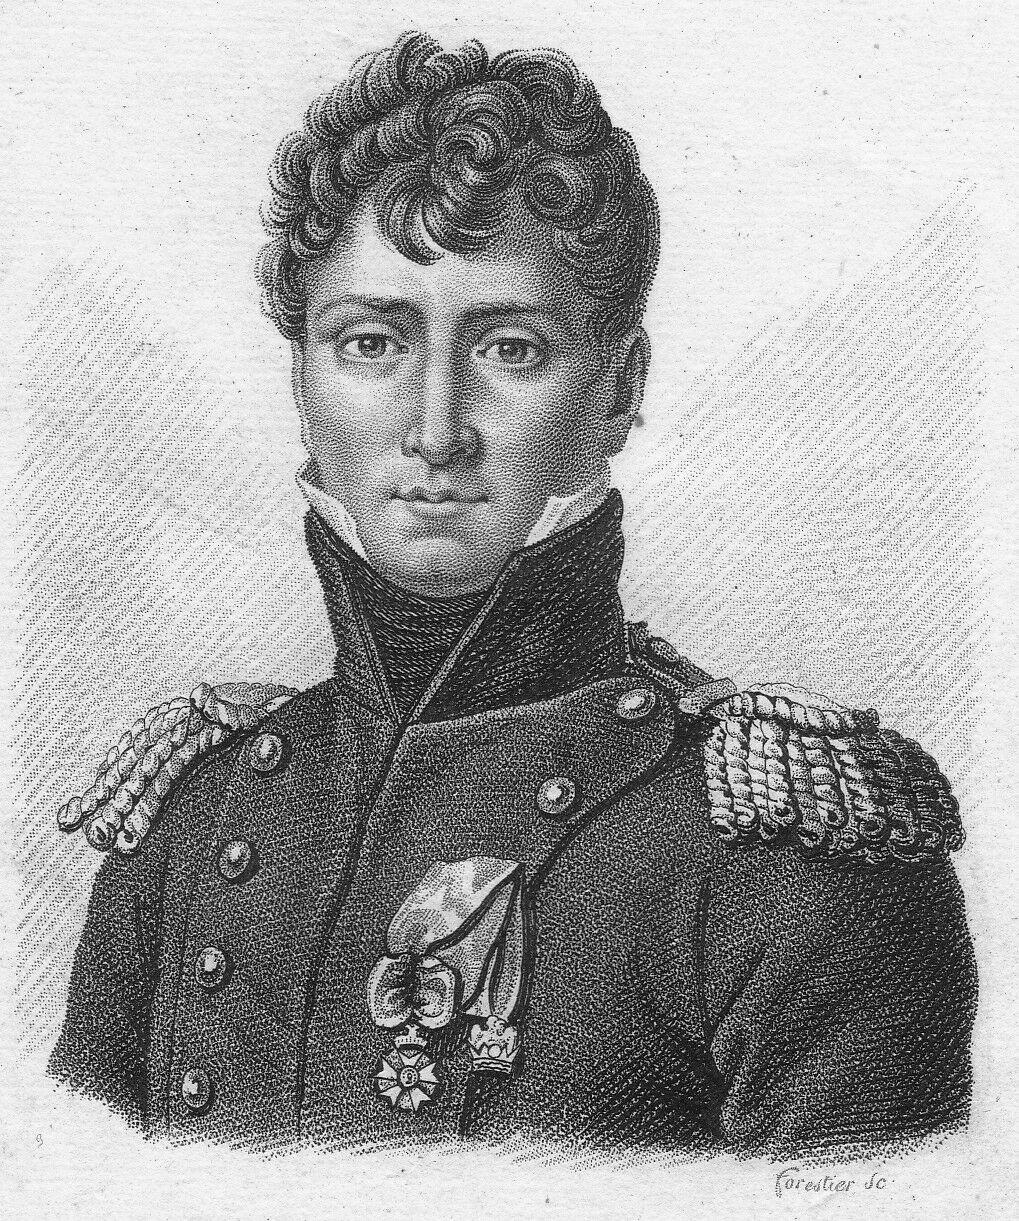 Les généraux Français de l Empire - Page 2 G%C3%A9n%C3%A9ral_Auguste_Fran%C3%A7ois_Marie_Chabanais